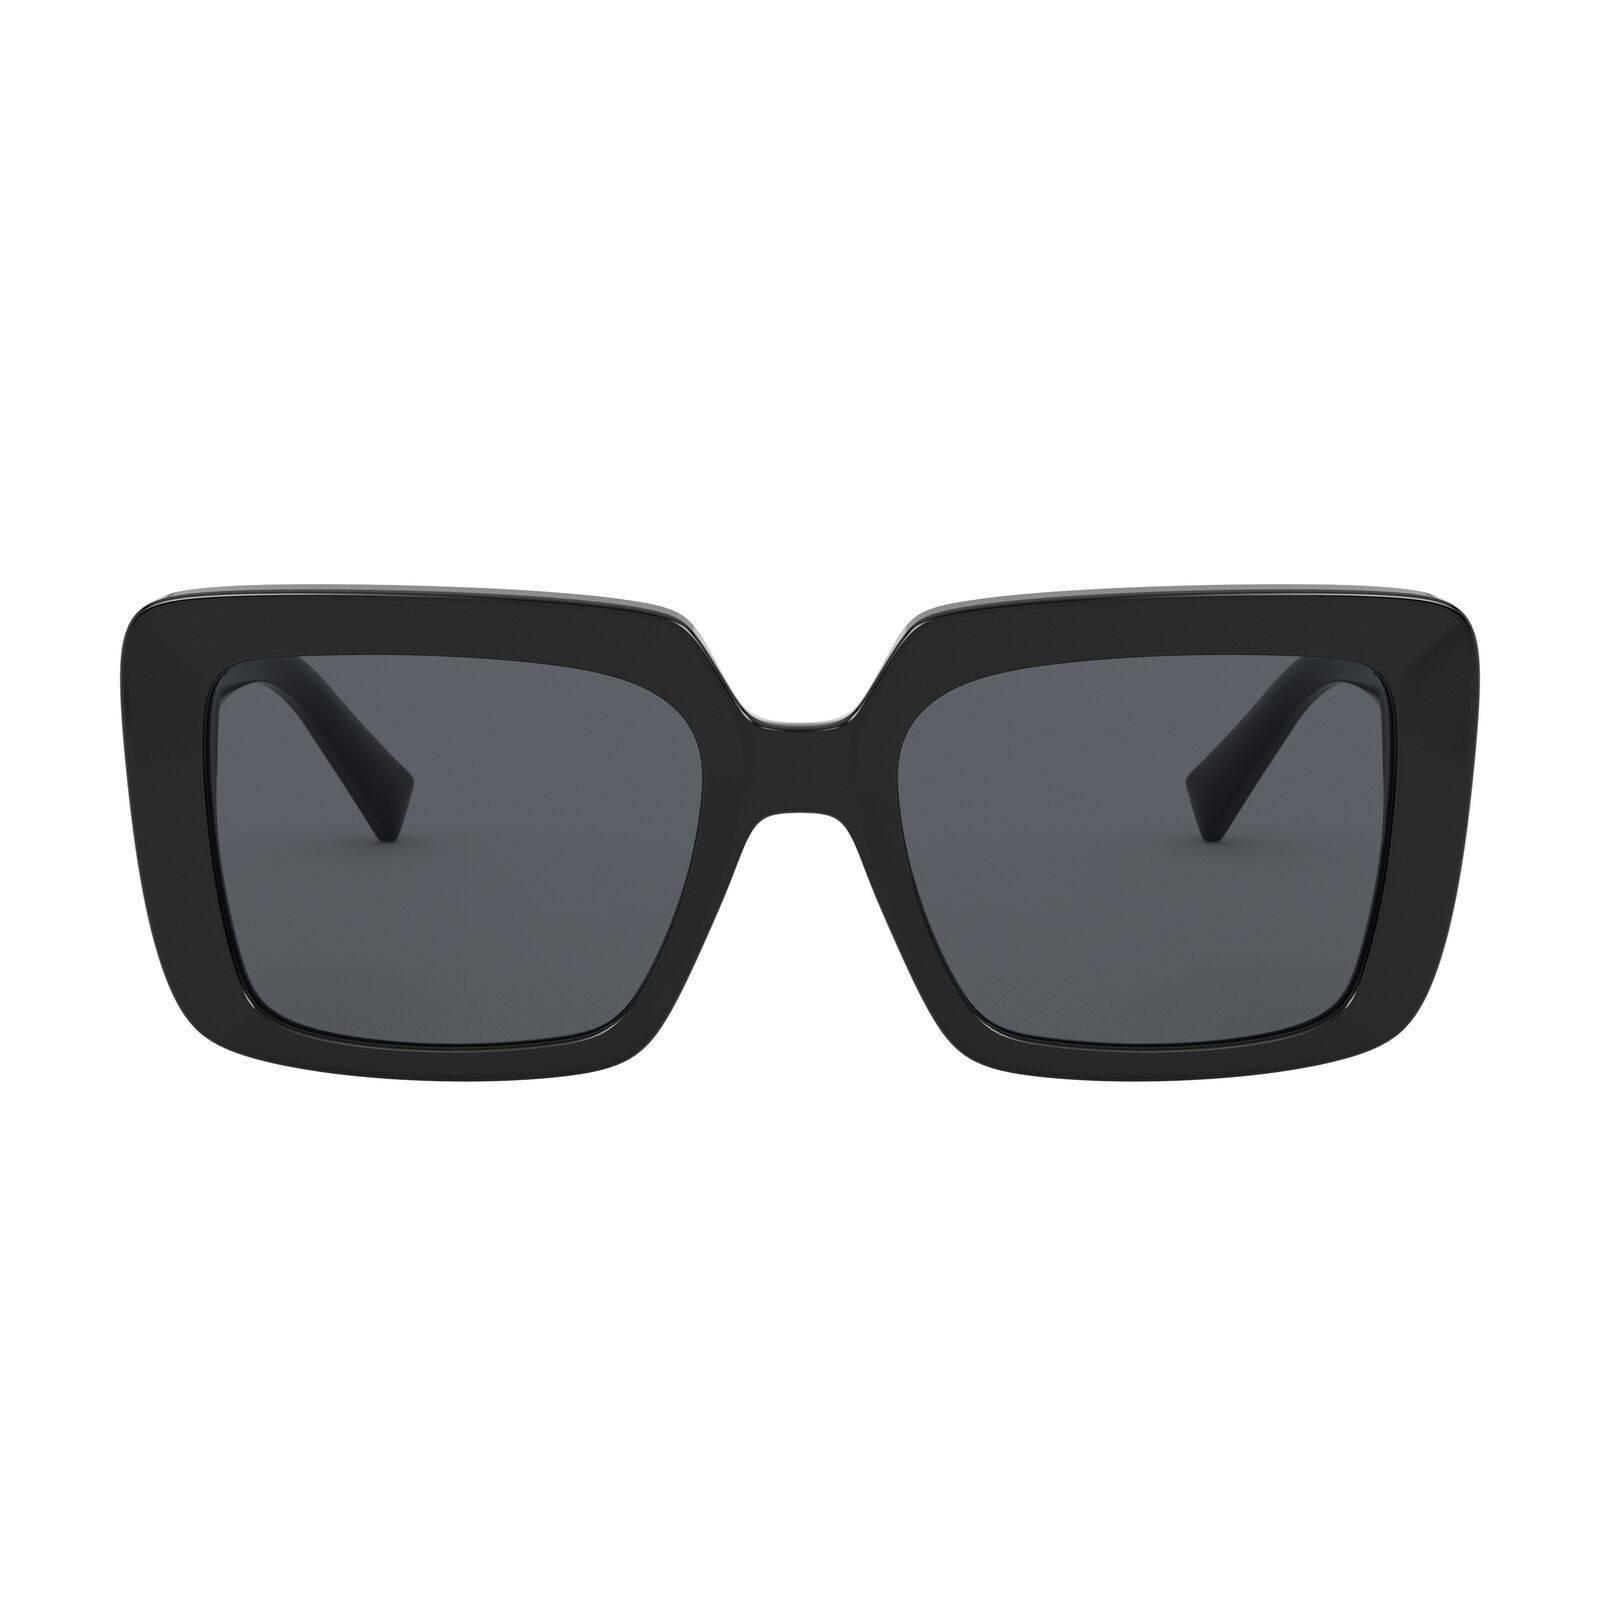 Versace zonnebril VE4384B zwart   wehkamp